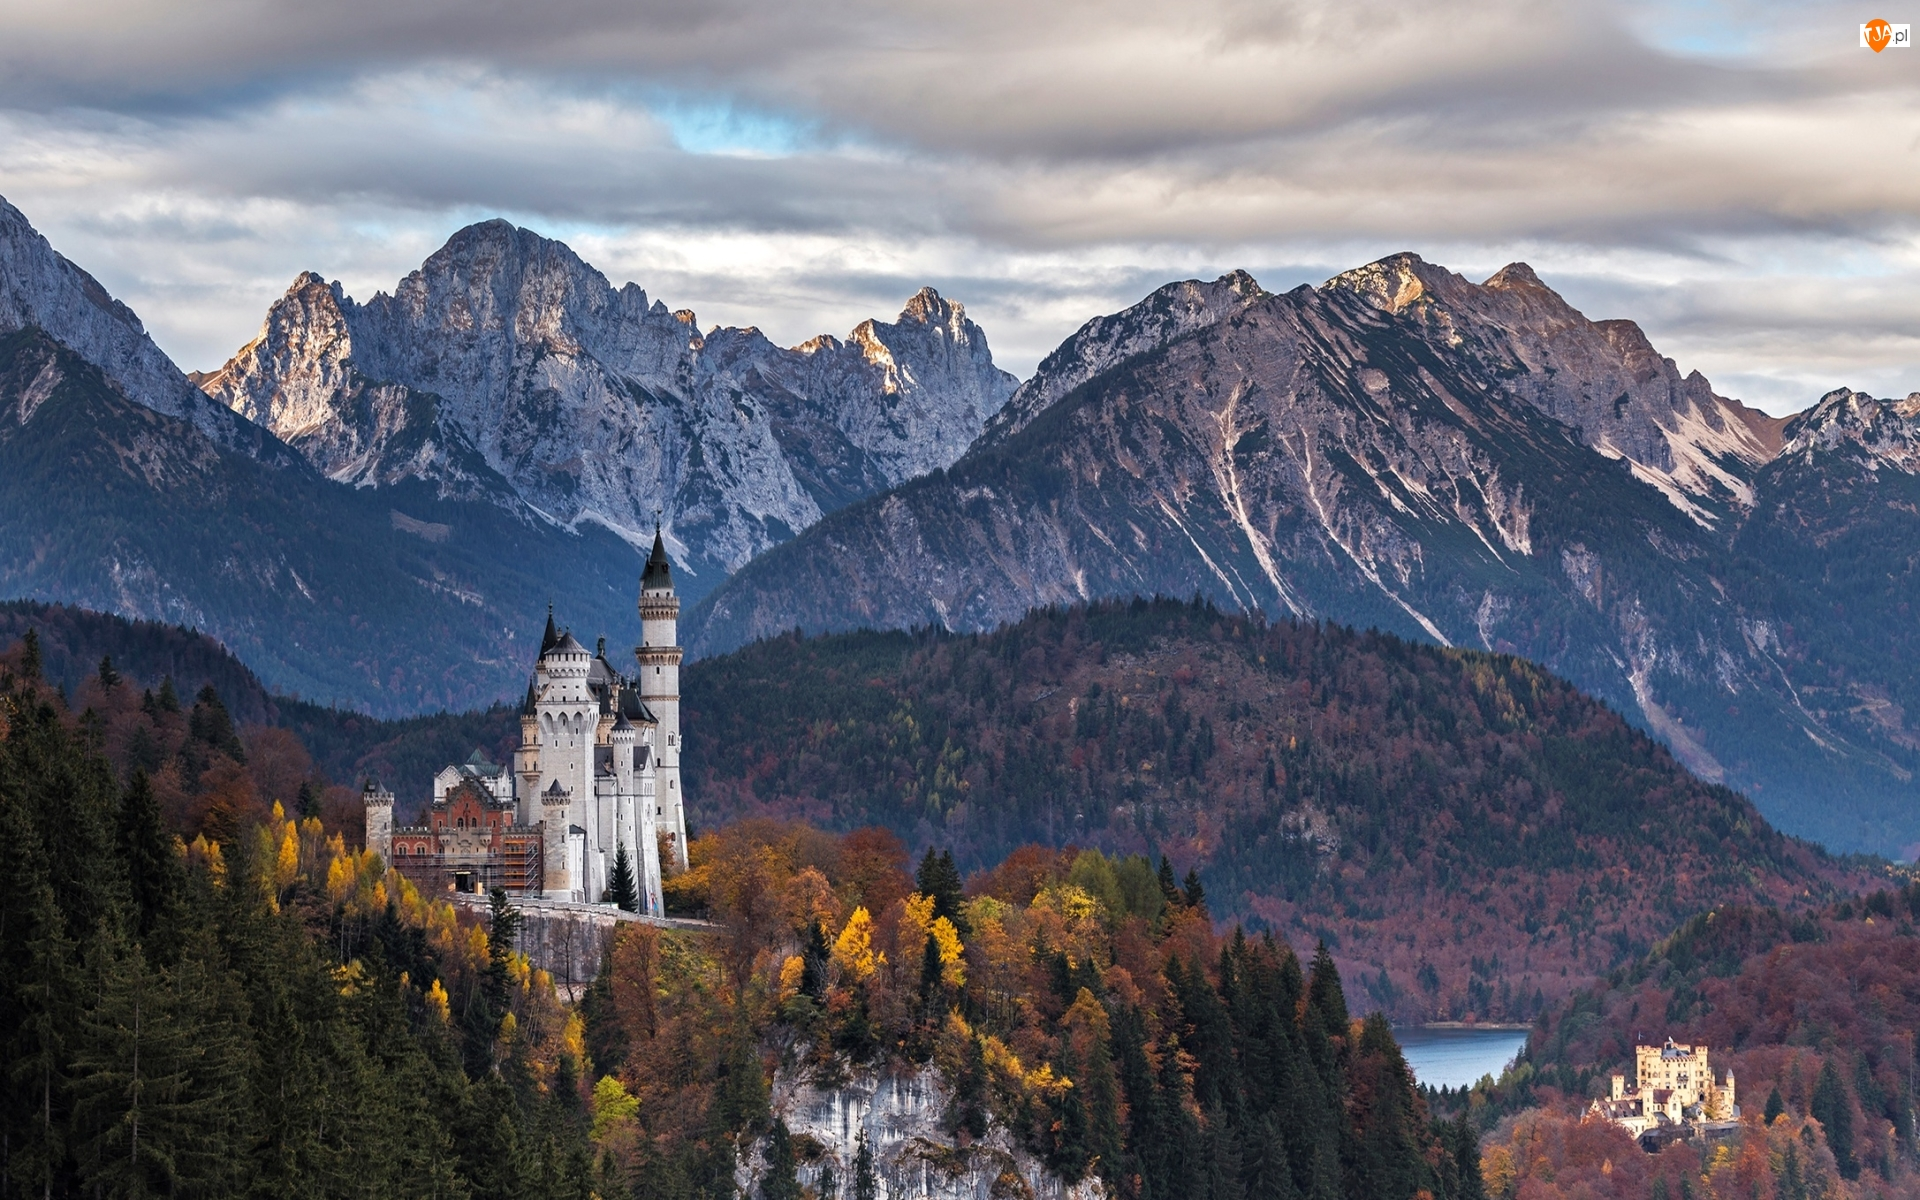 Chmury, Wzgórze, Alpy, Niemcy, Gmina Schwangau, Zamek Neuschwanstein, Lasy, Góry, Skały, Drzewa, Jesień, Bawaria